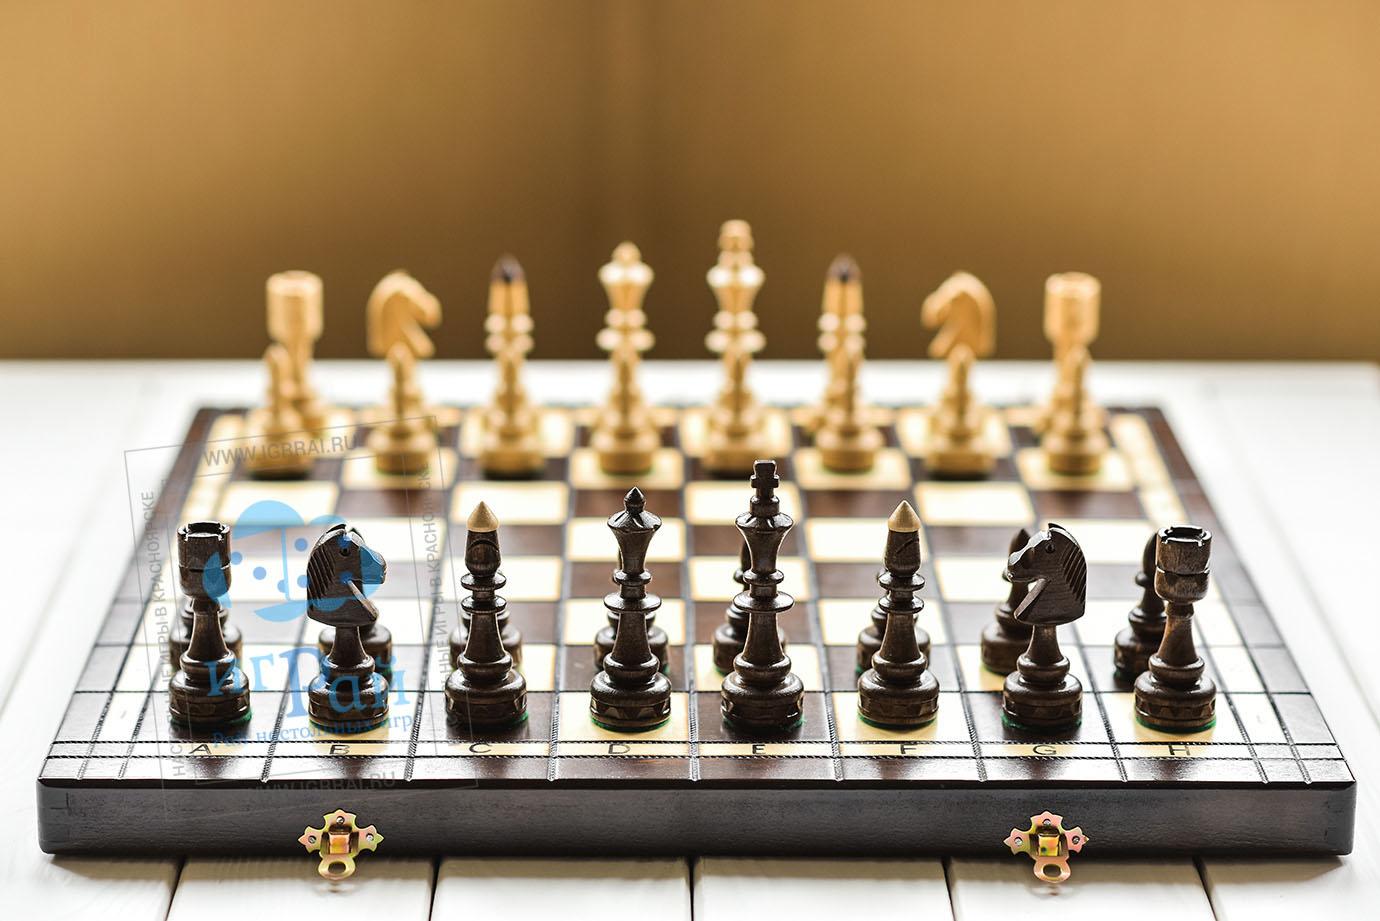 актриса, индийские шахматы картинки настолько